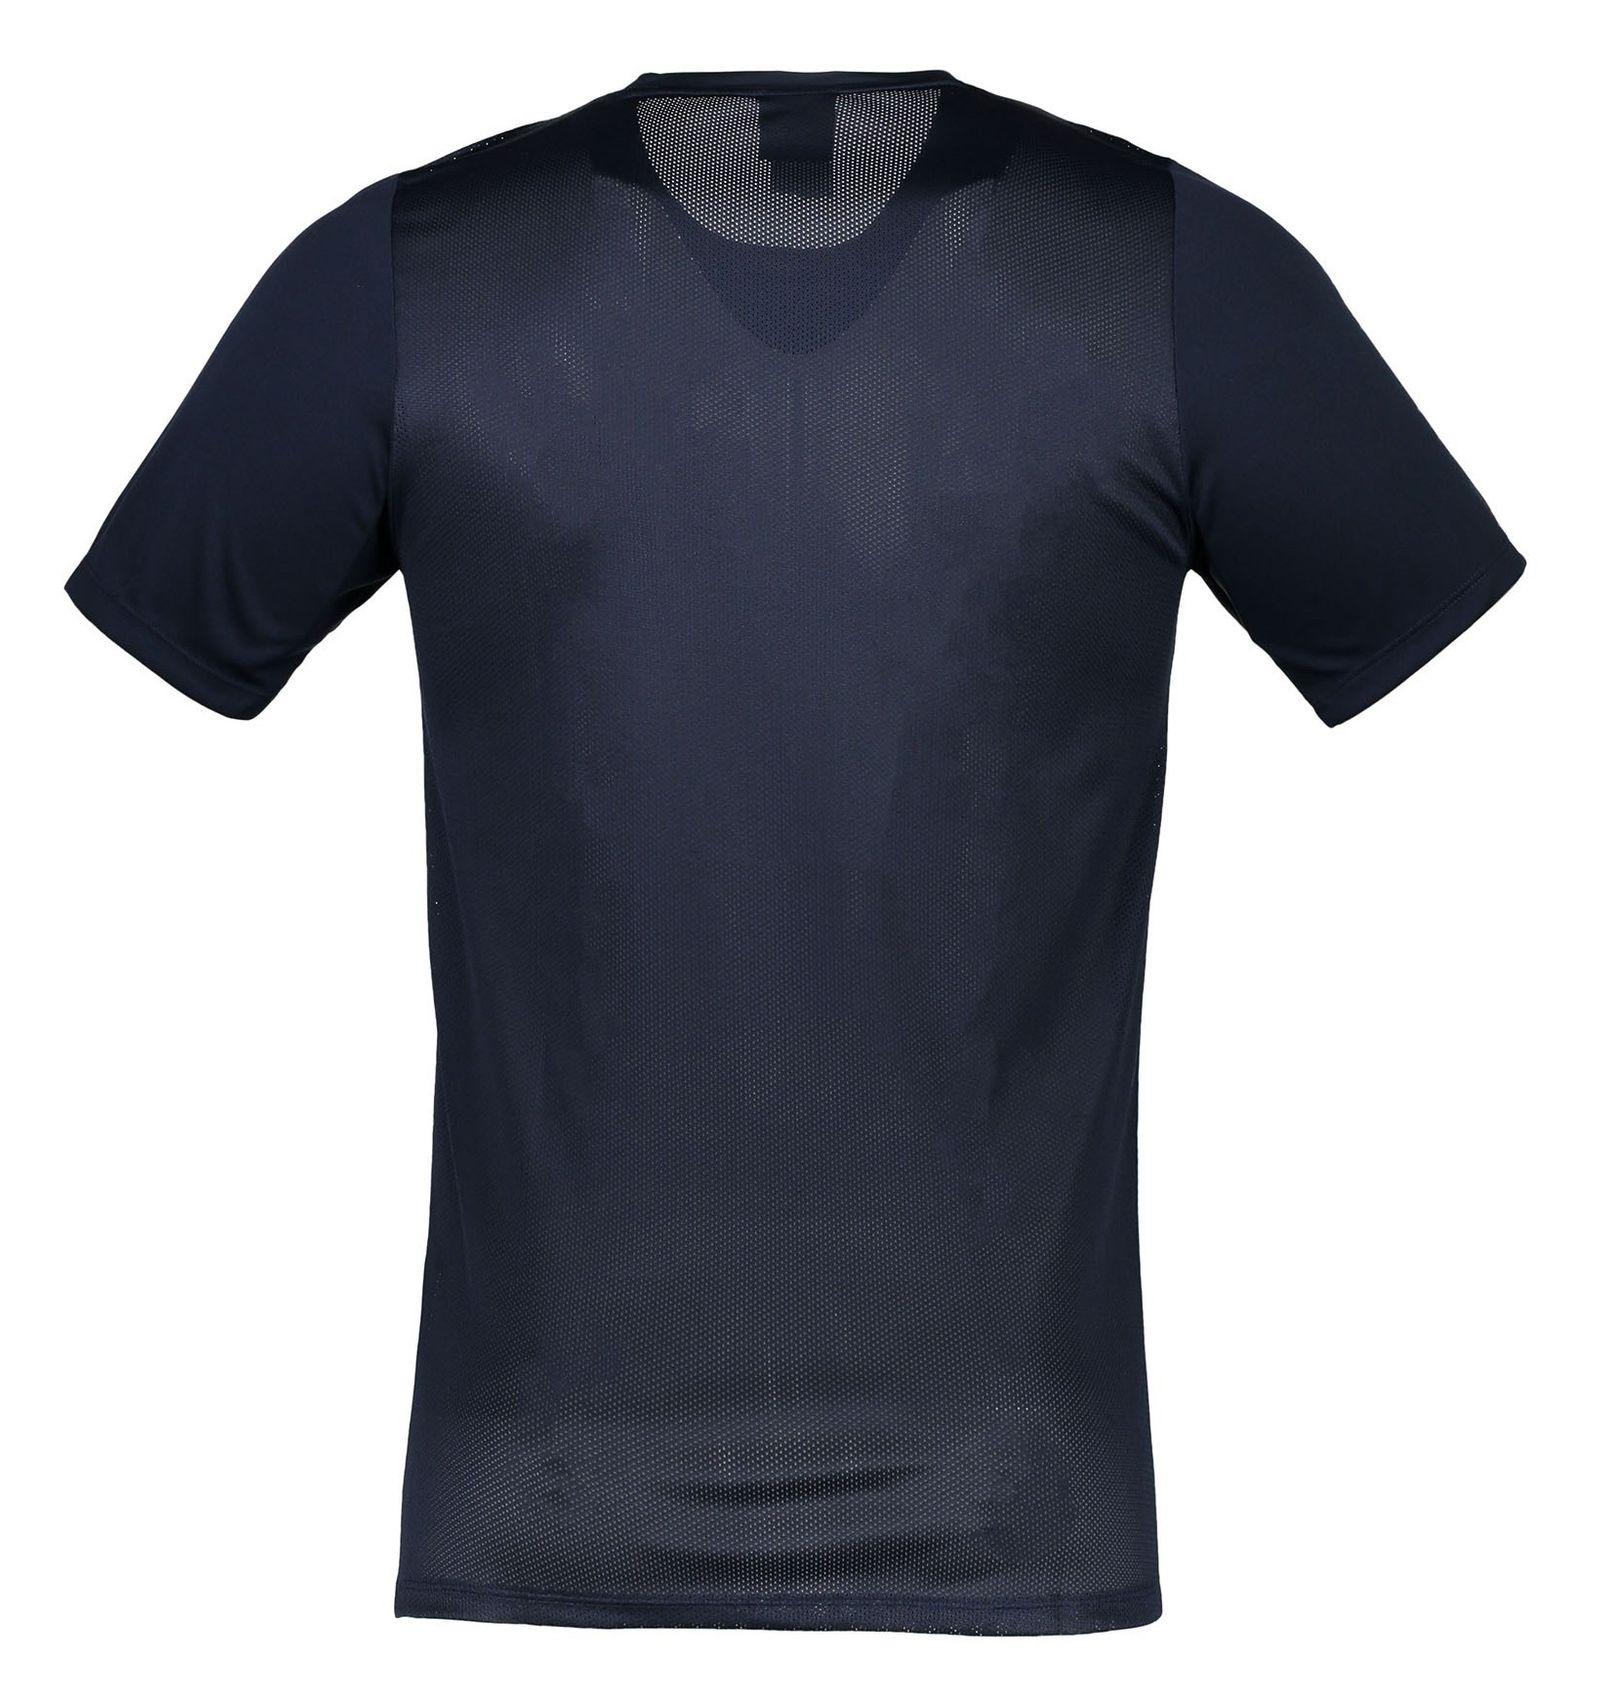 تی شرت یقه گرد مردانه Academy 16 - نایکی - سرمه اي - 2